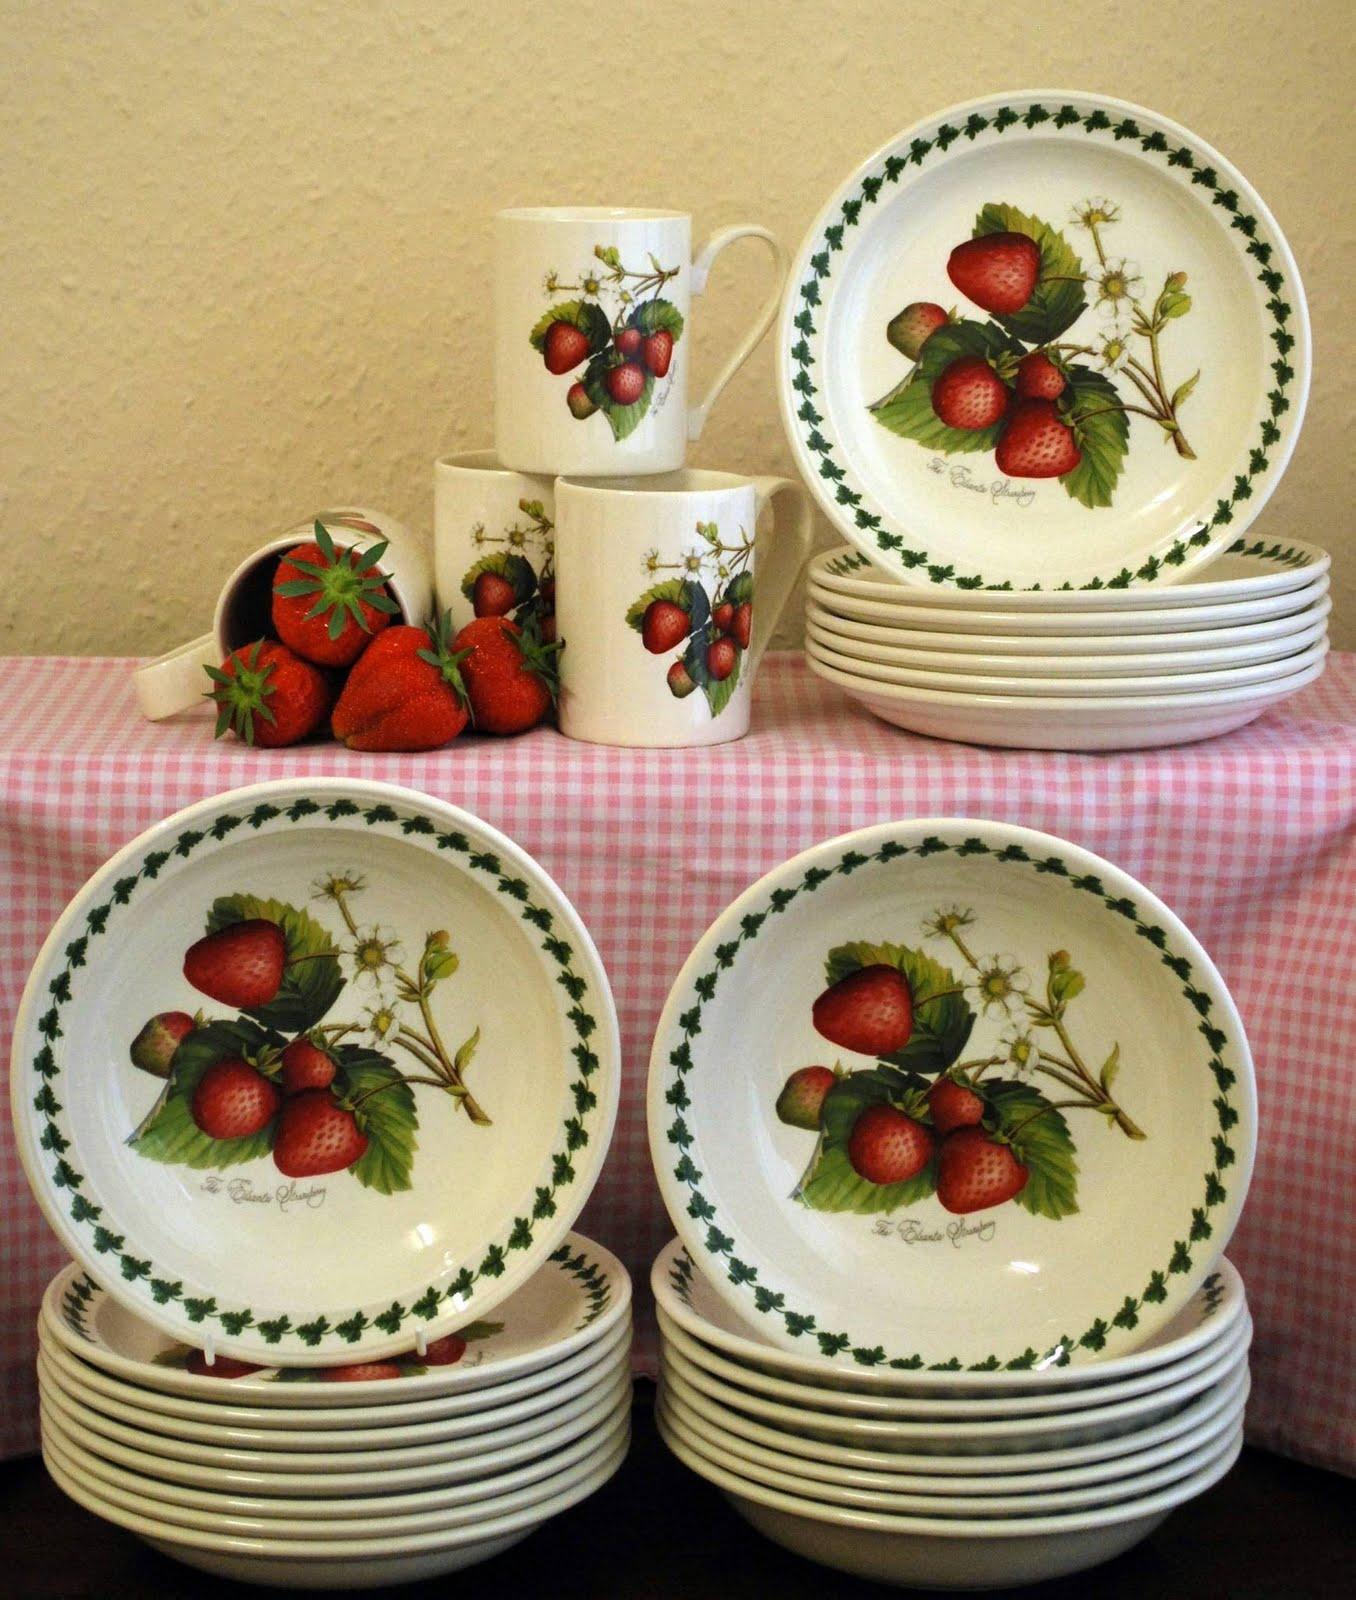 The English Cottage Portmeirion Strawberry Fair